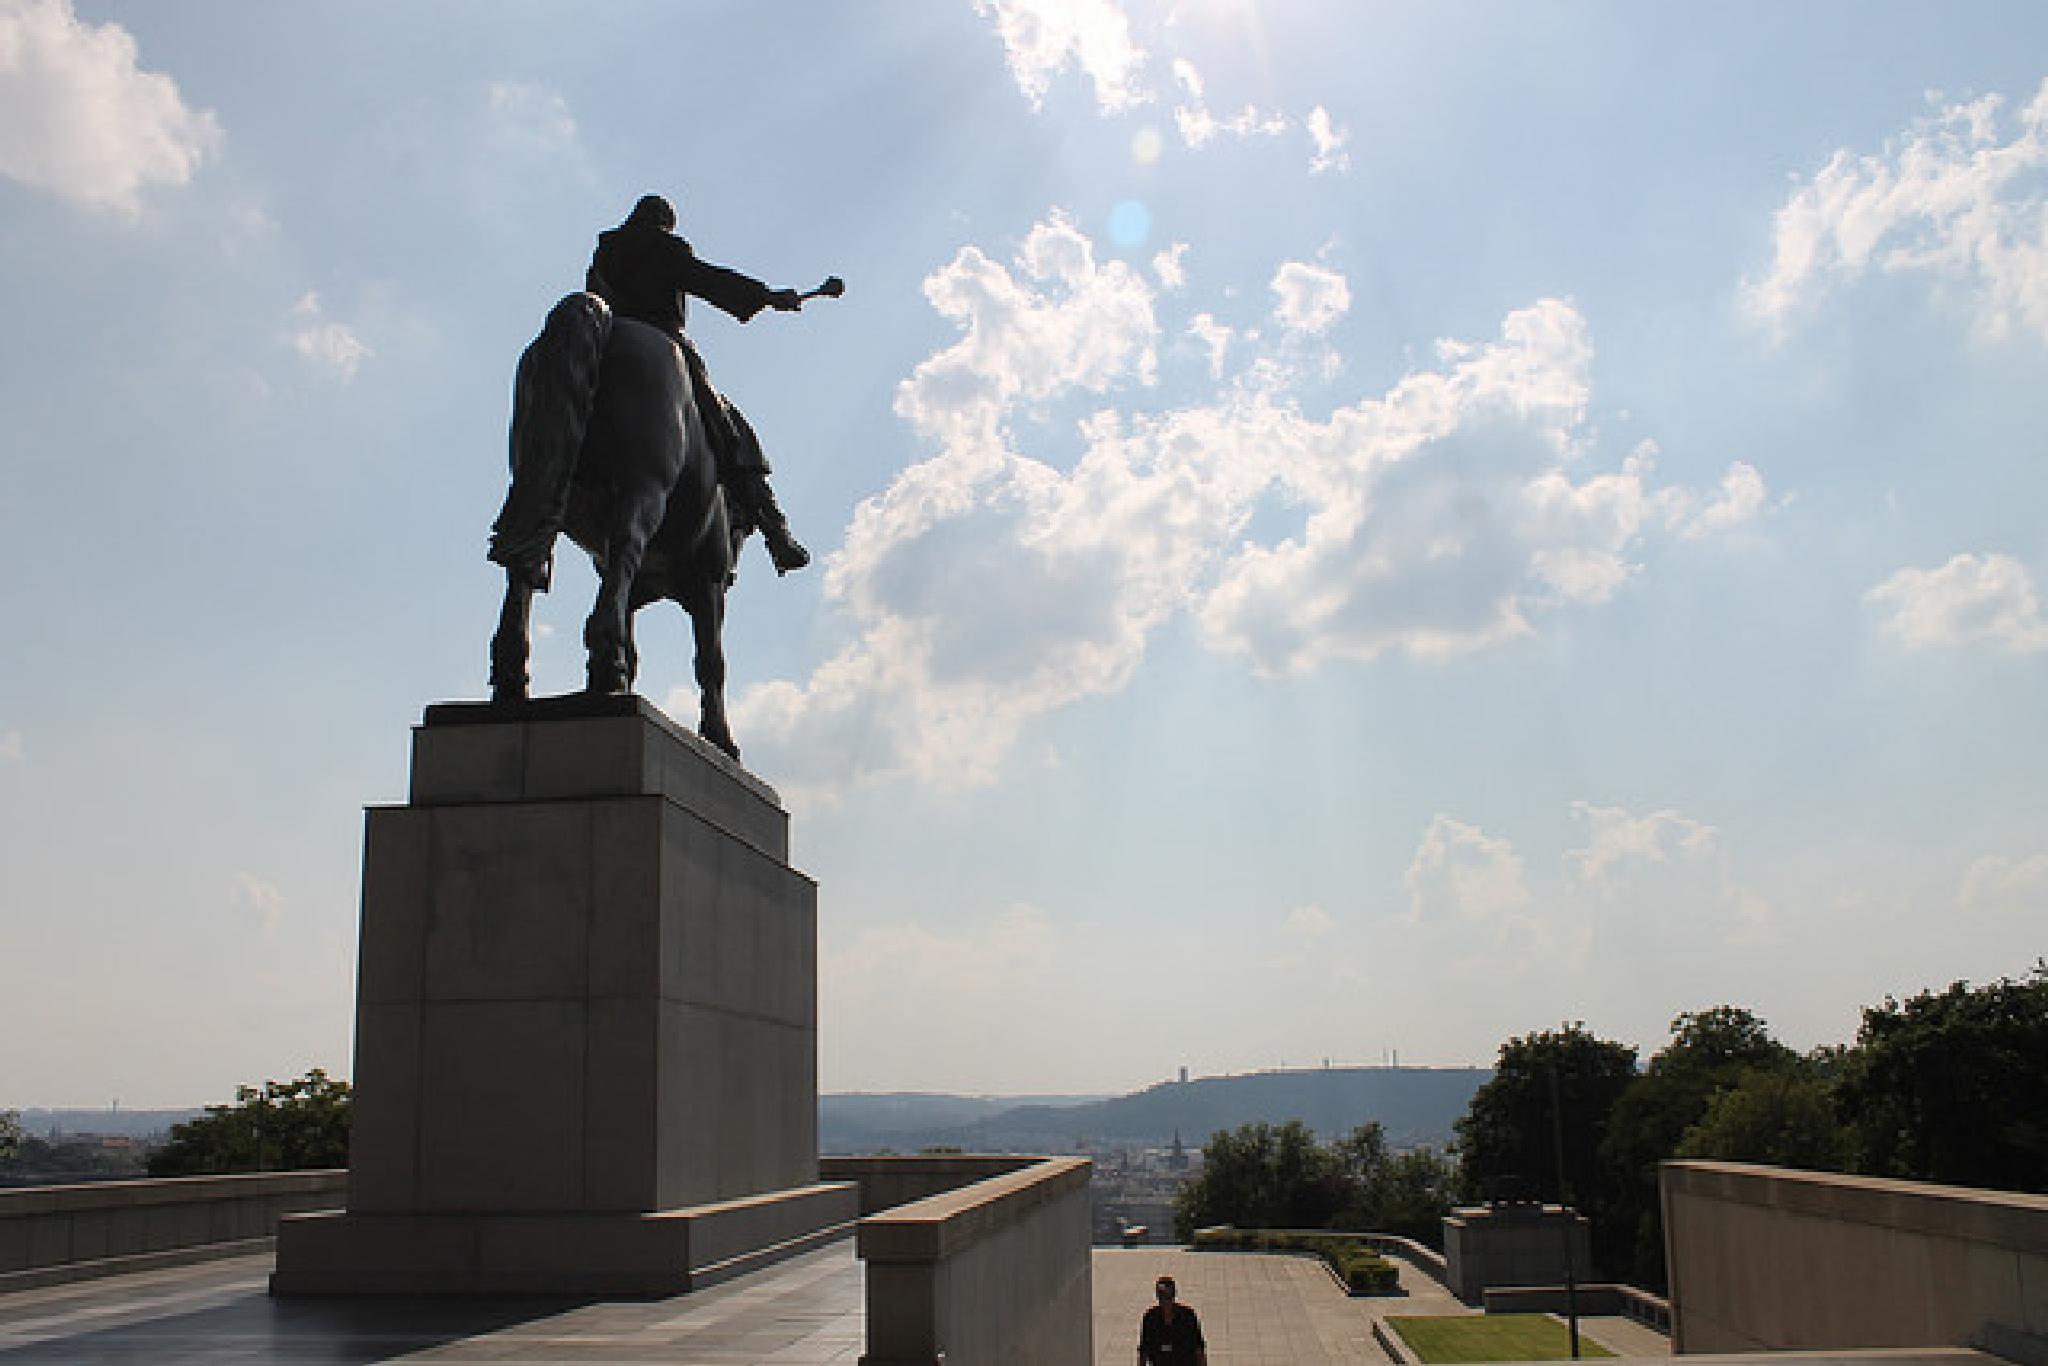 National Memorial by Radek Smidt